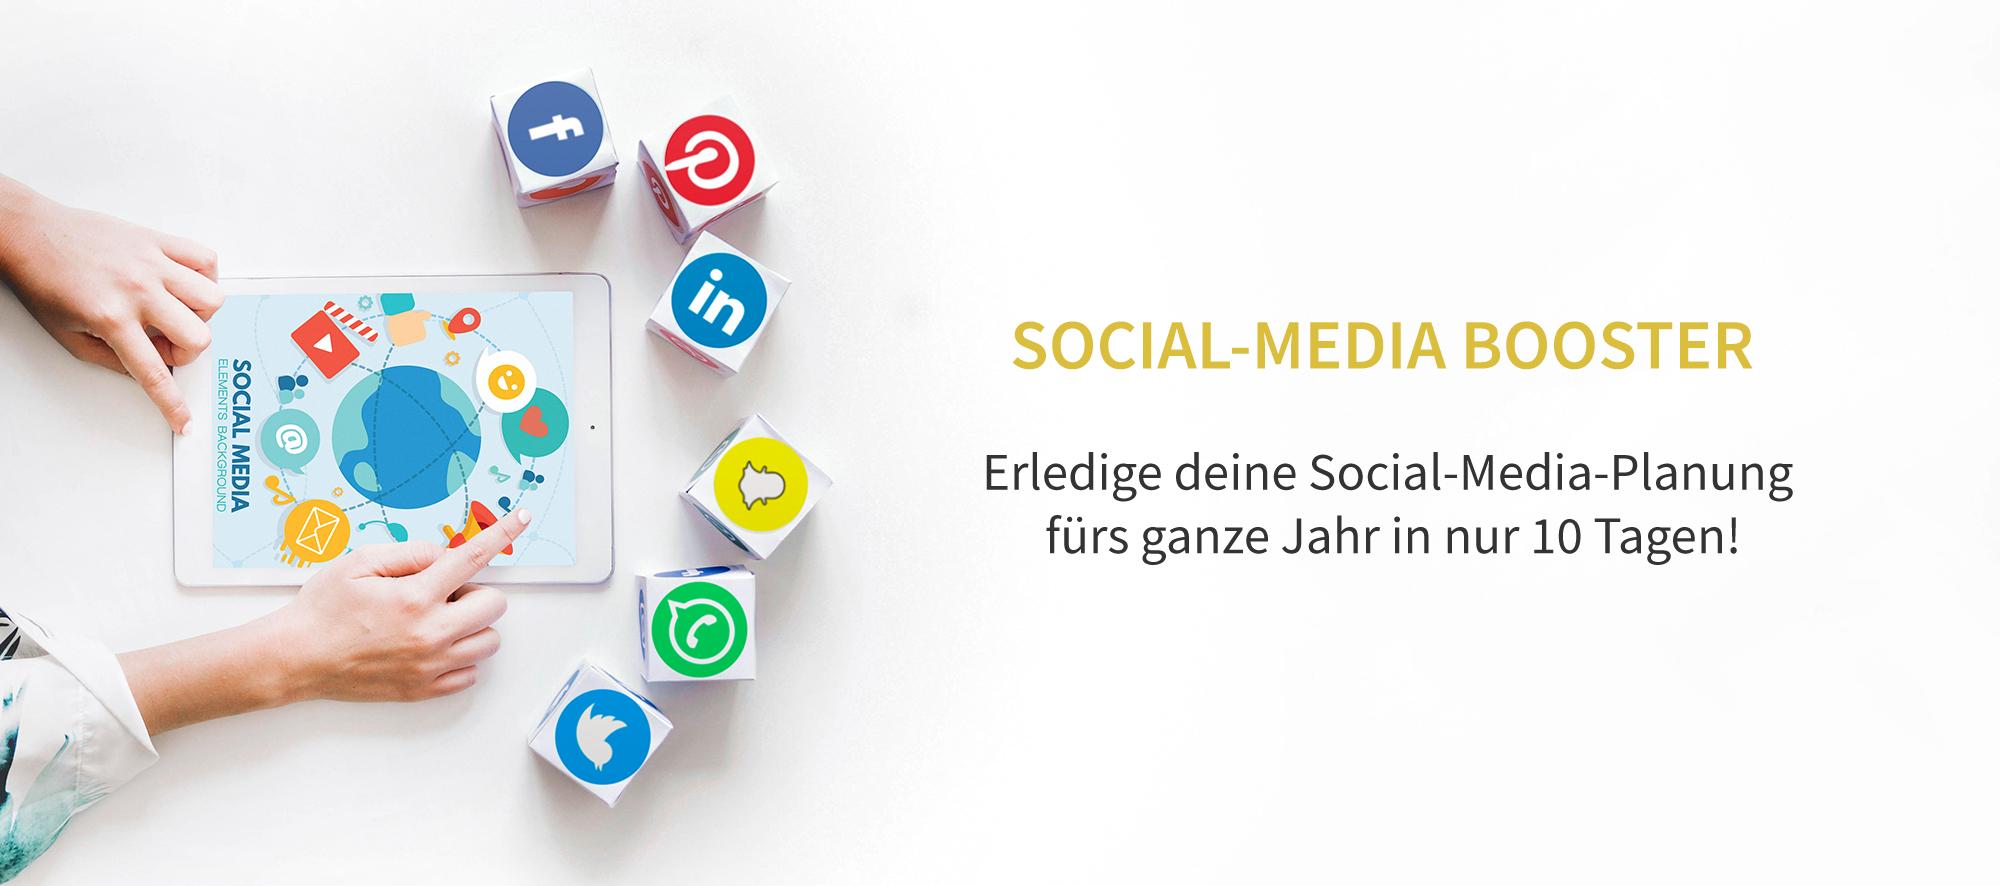 Deine komplette Social-Media-Planung fürs ganze Jahr